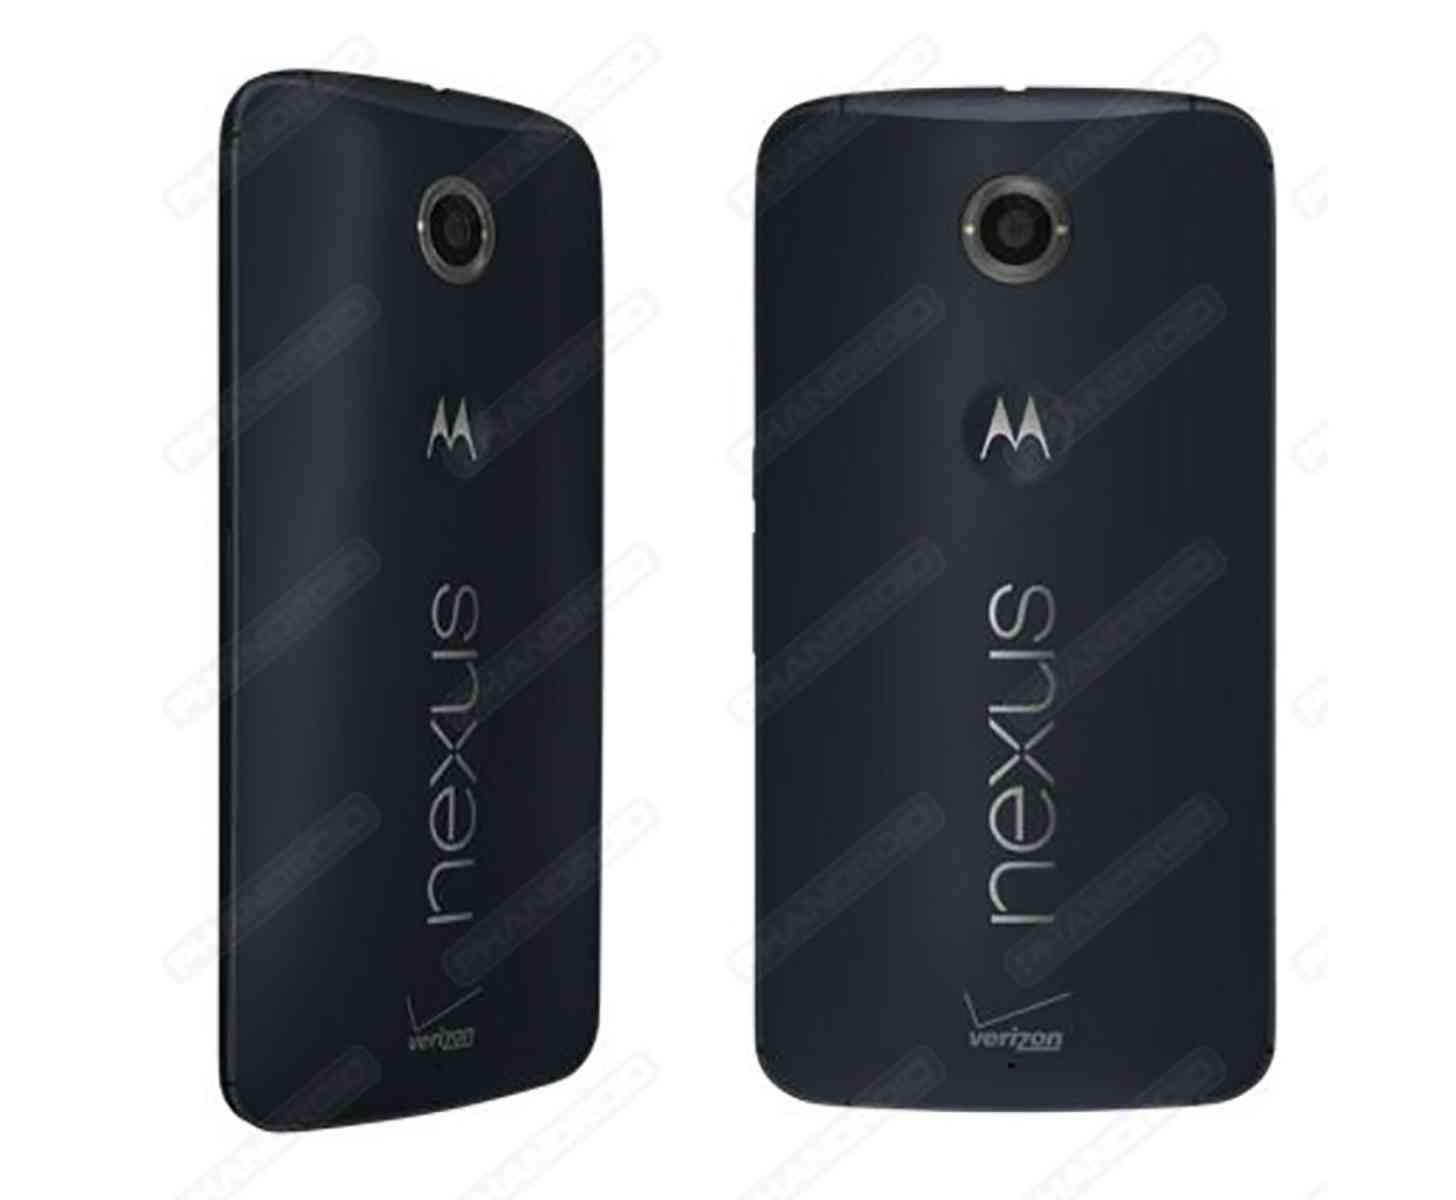 Verizon Nexus 6 carrier branding leak